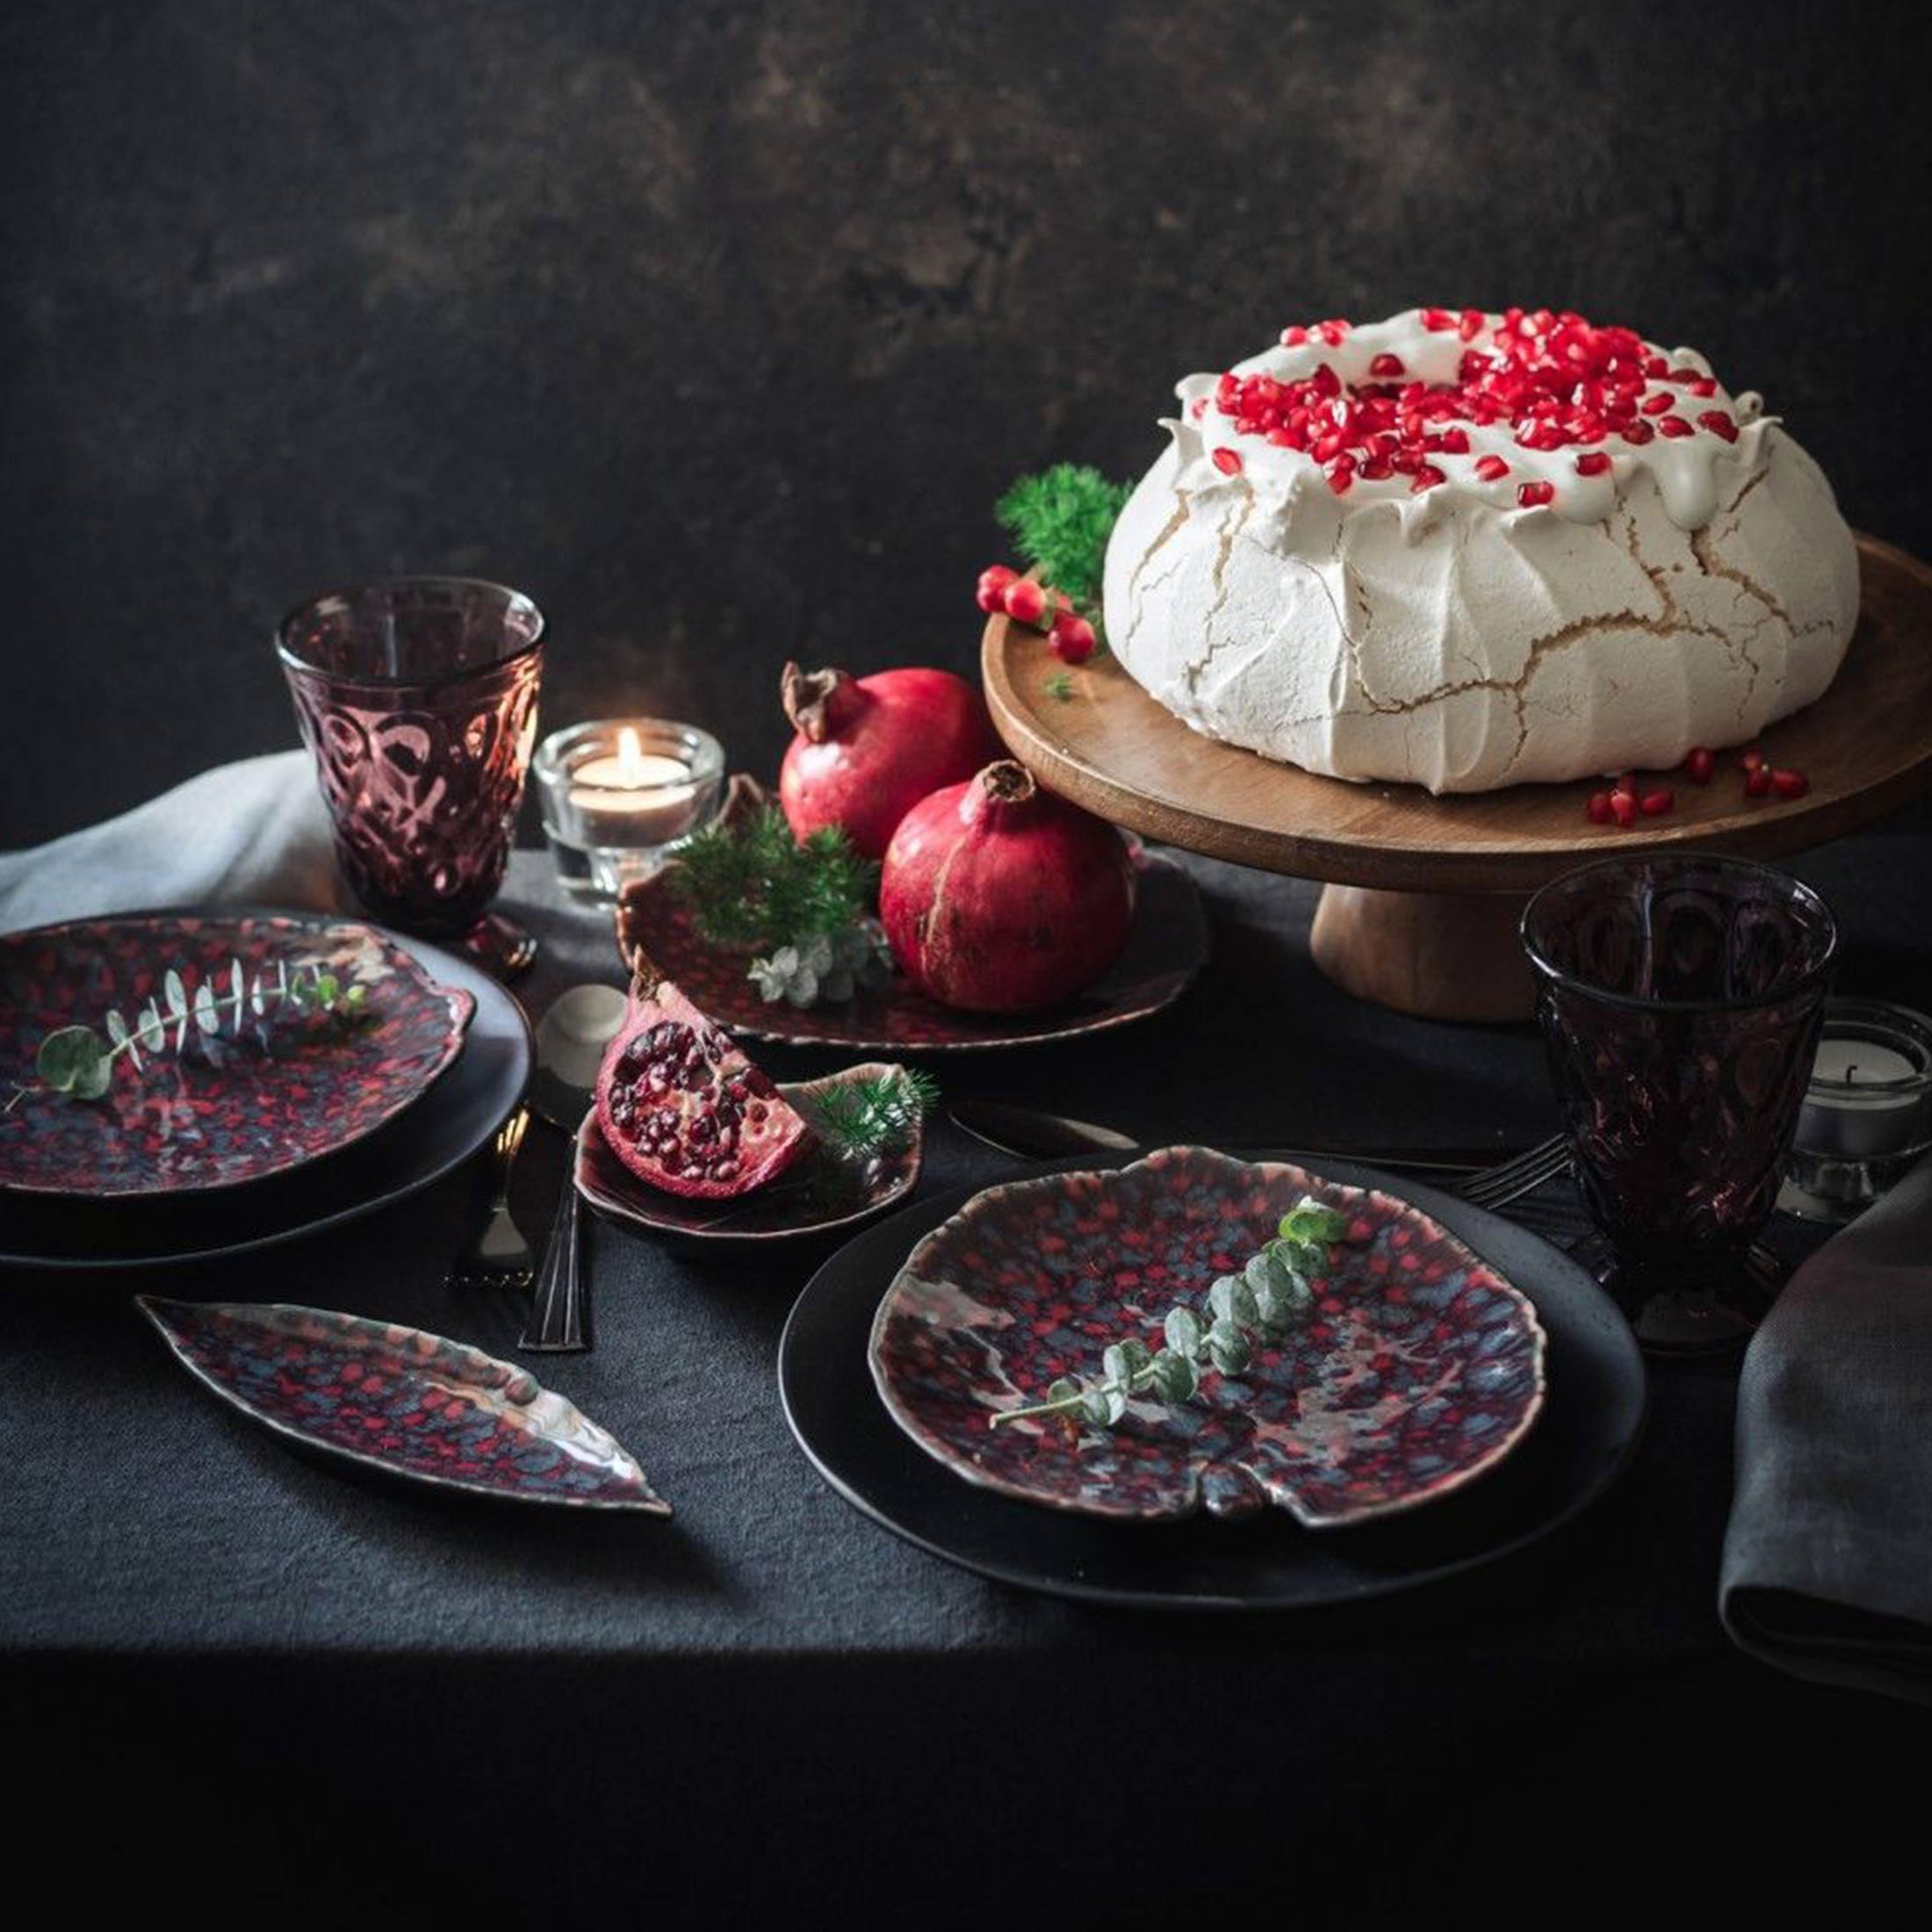 Dessertteller in Blattform 17cm Länge, spülmaschinenfest von Christian Tortu by Costa Nova. Geschirr für Weihnachten bei Soulbirdee bestellen